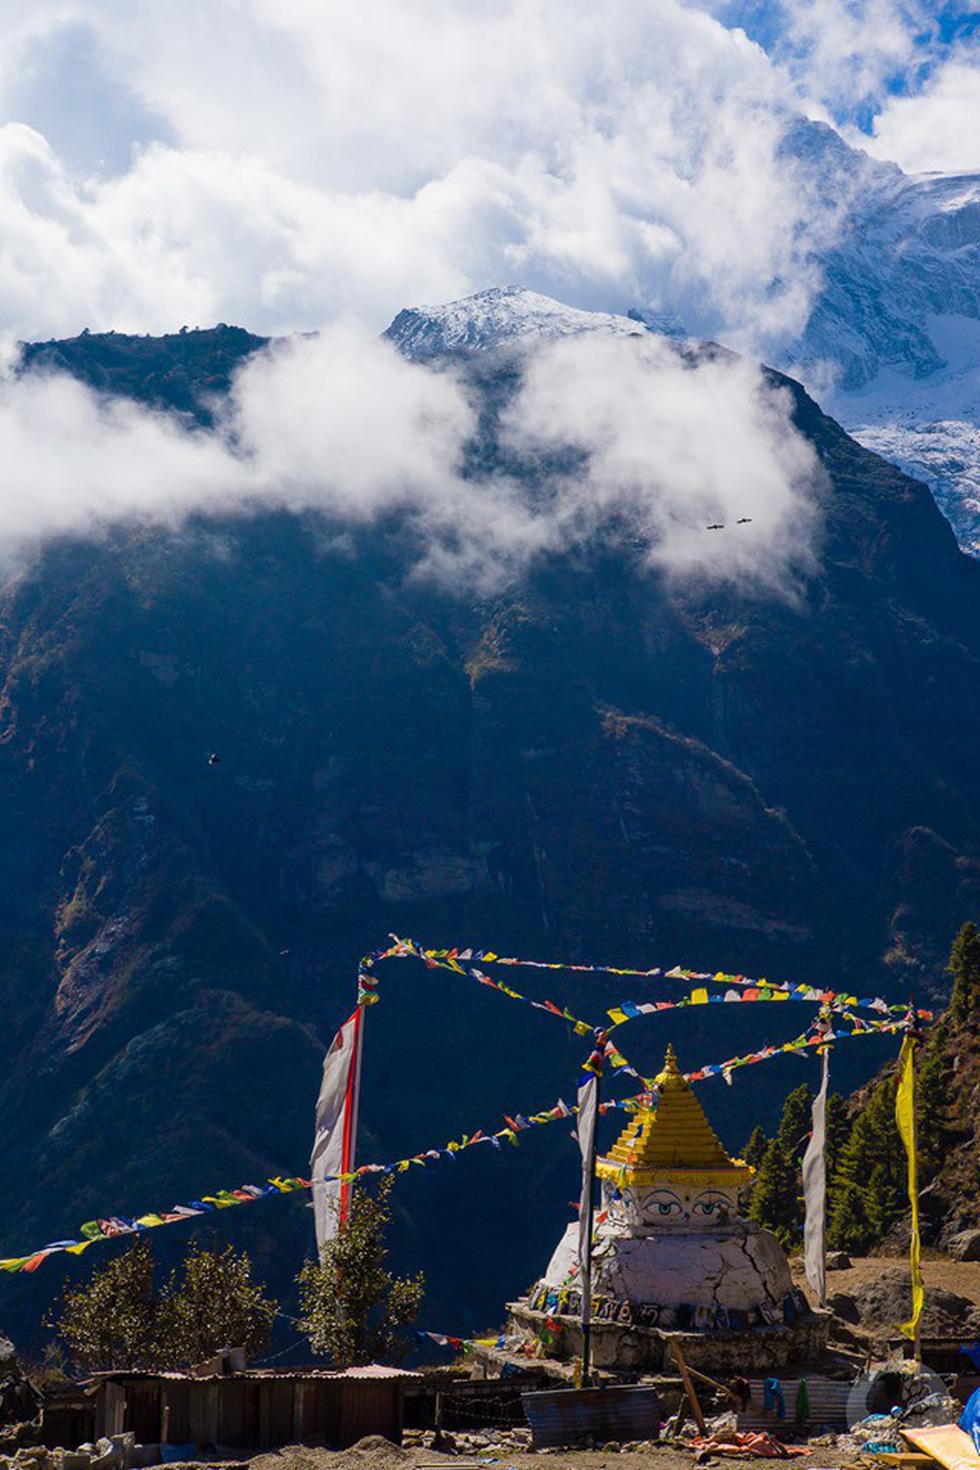 Giữ sức khỏe, chống say độ cao khi leo núi, trek đường dài  - Ảnh 2.